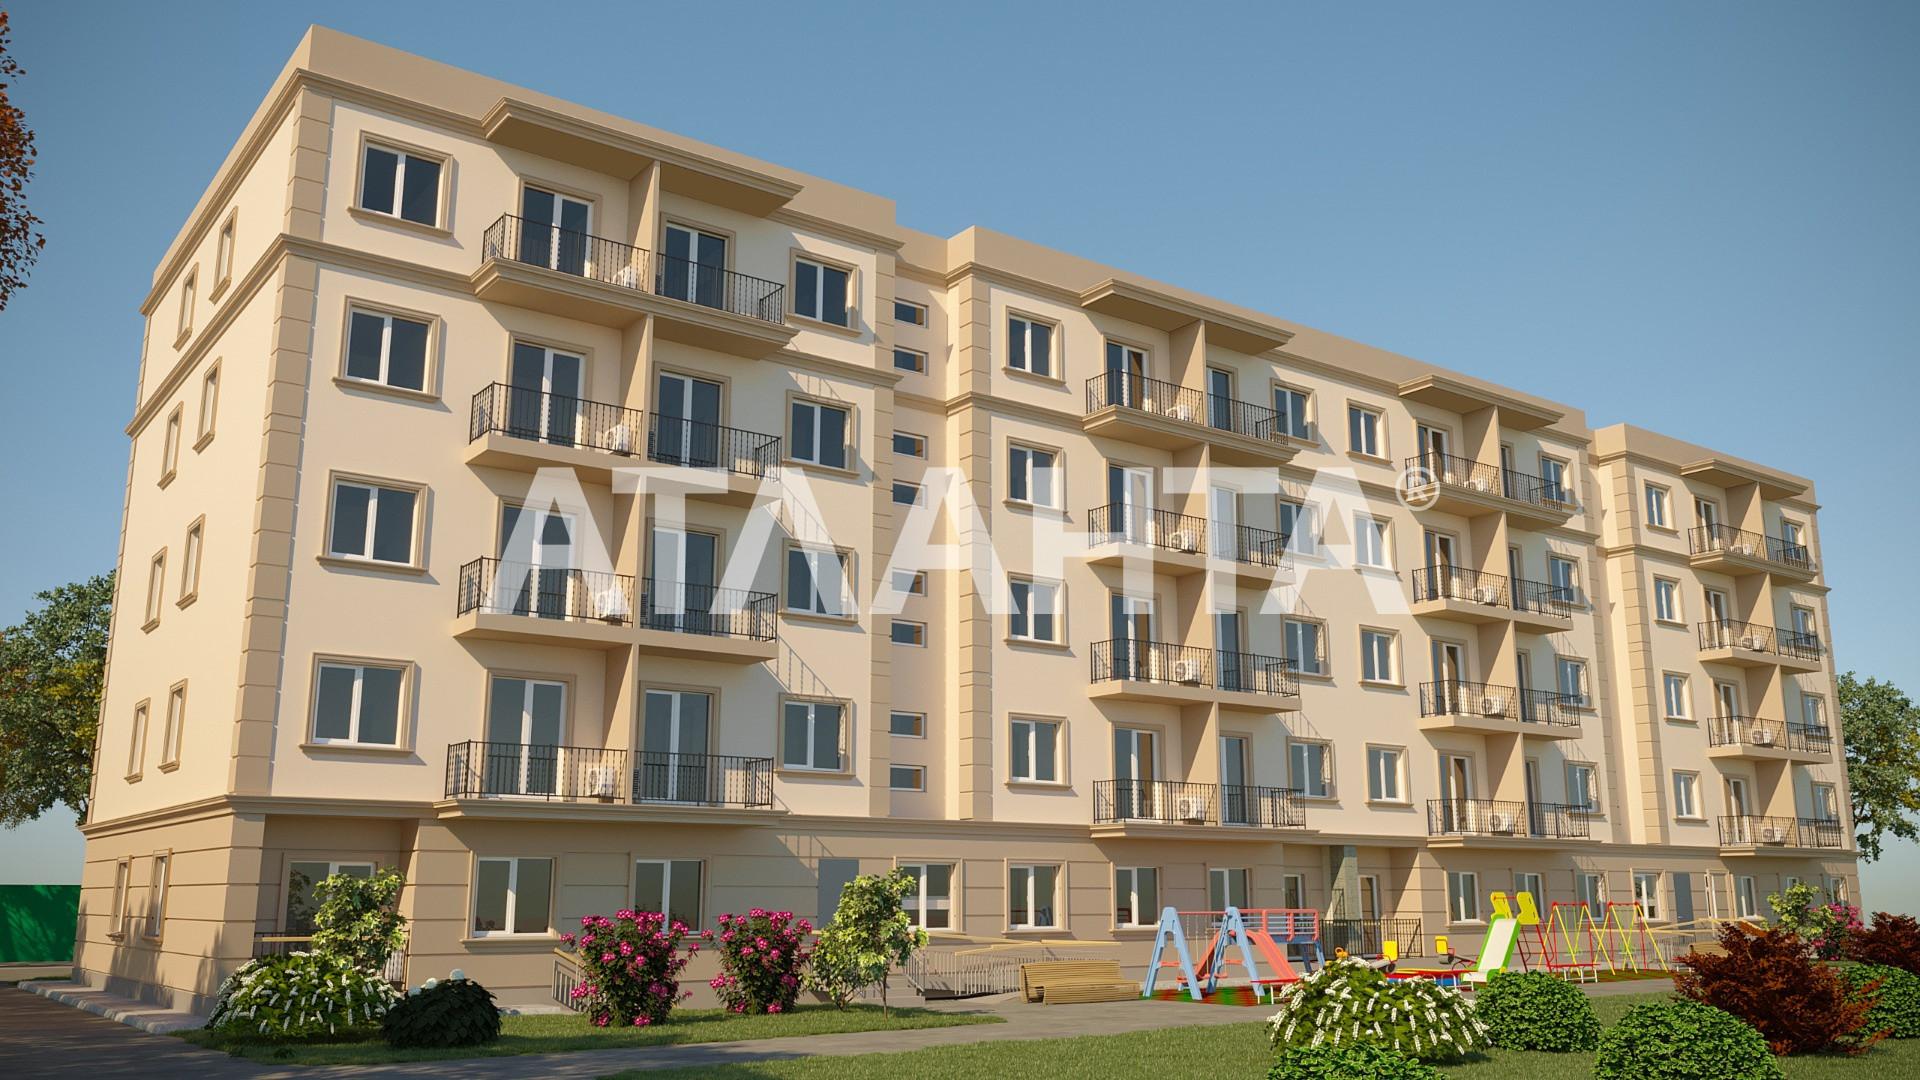 Продается 2-комнатная Квартира на ул. Люстдорфская Дор. (Черноморская Дор.) — 29 088 у.е. (фото №2)